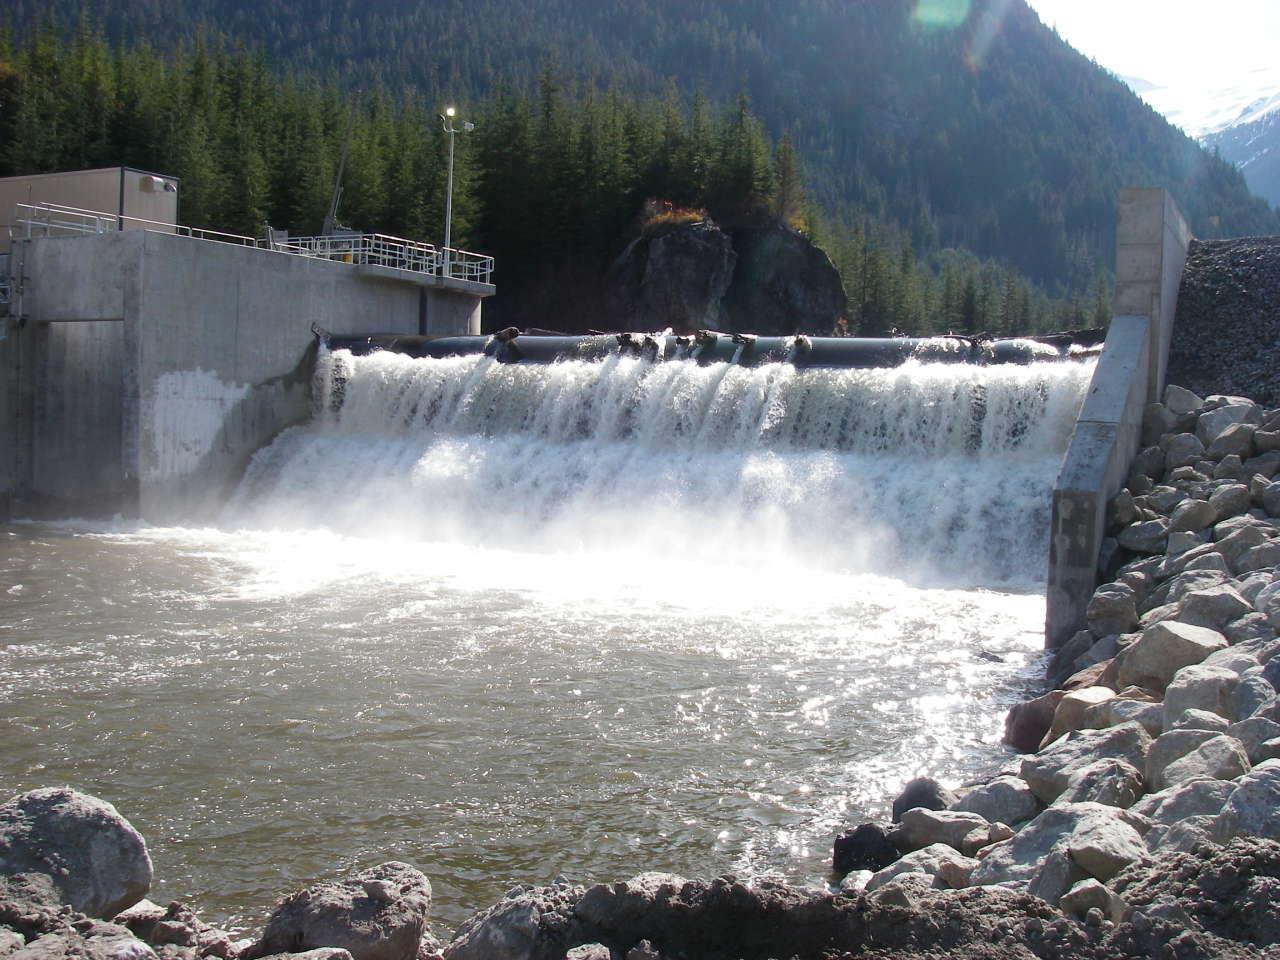 ВГрузии наденьги иностранных инвесторов построили ГЭС